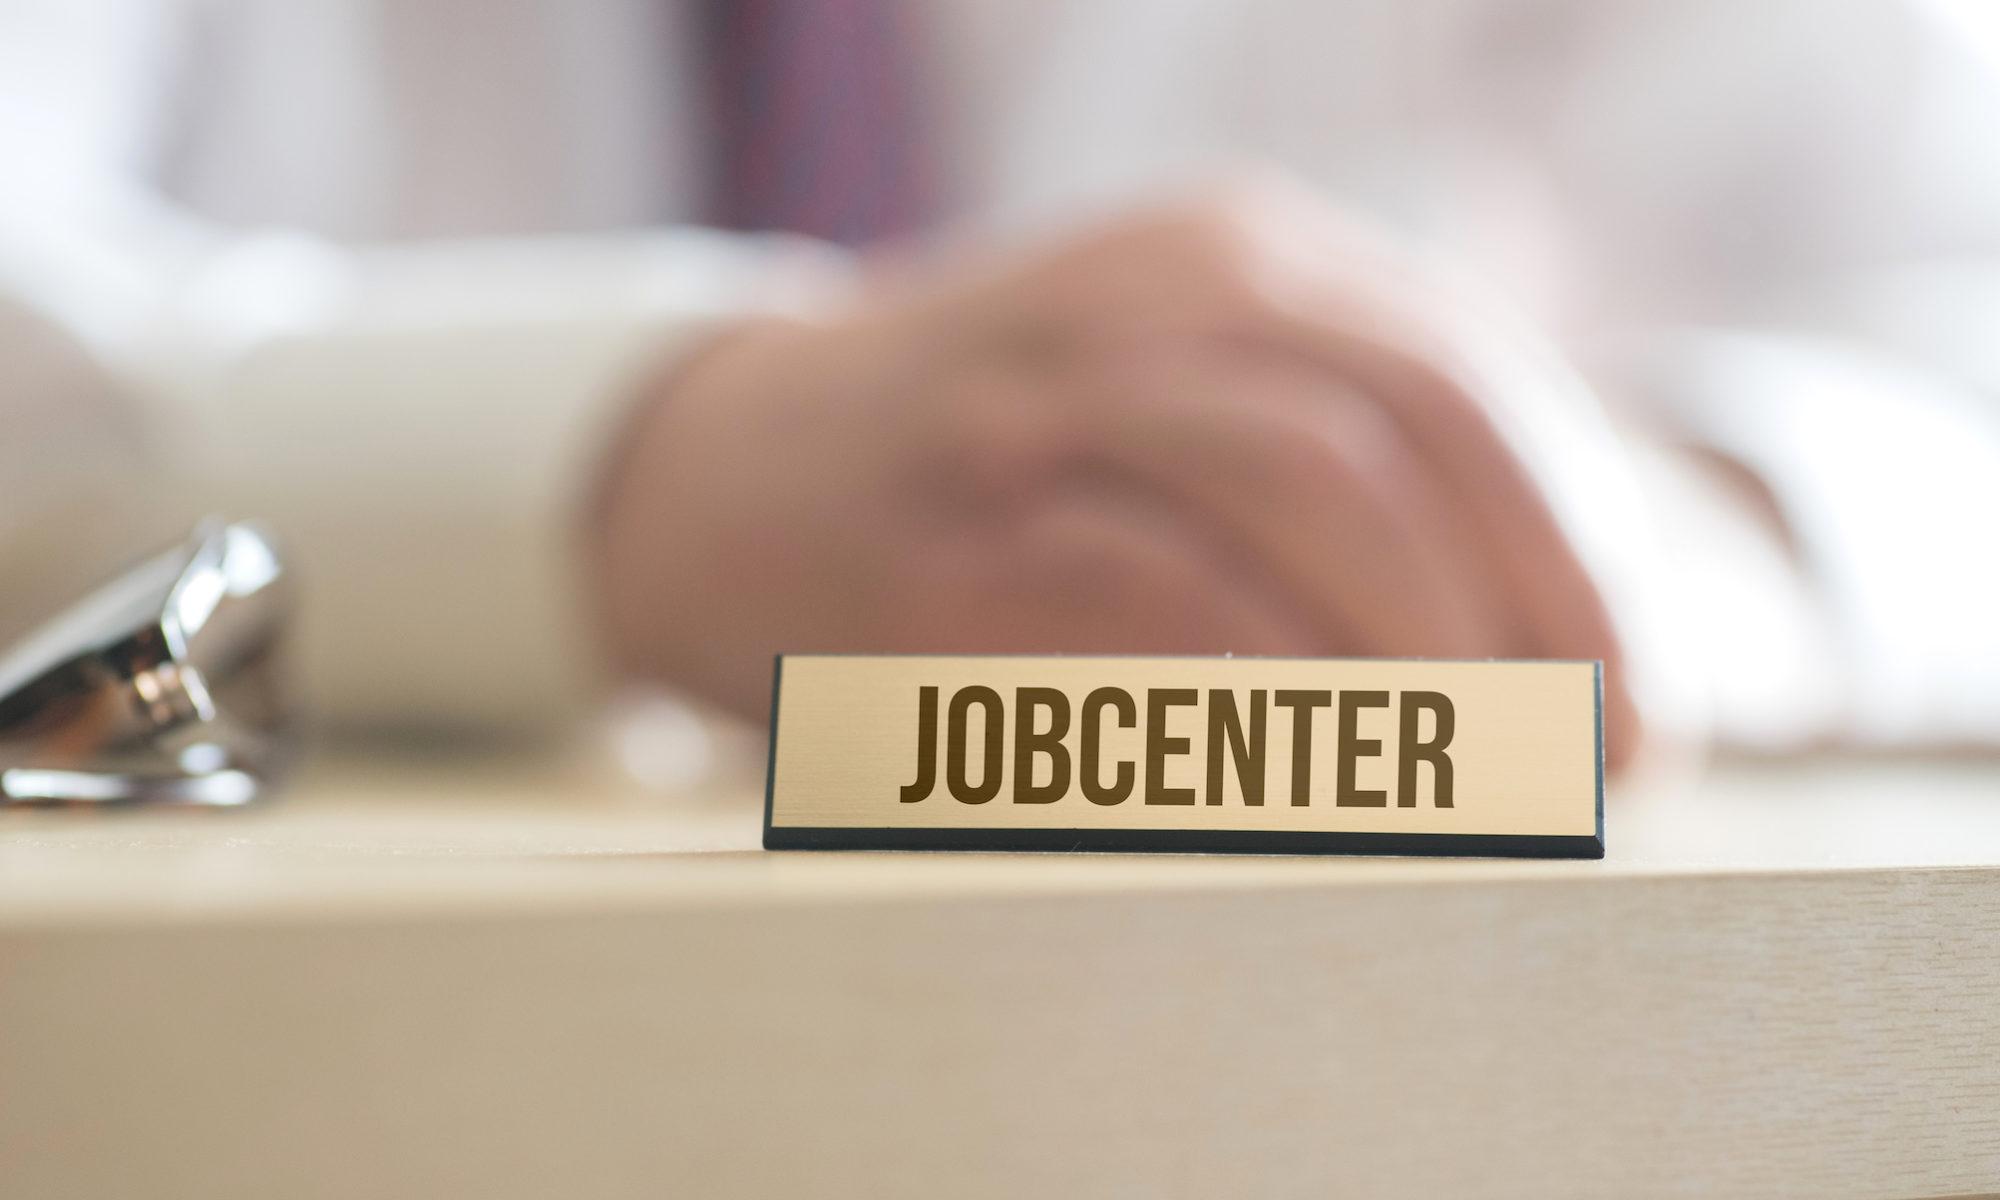 sanktionen im hartz system jobcenter 2000x1200 - Hartz IV: Jobcenter fragen alle Konten ab